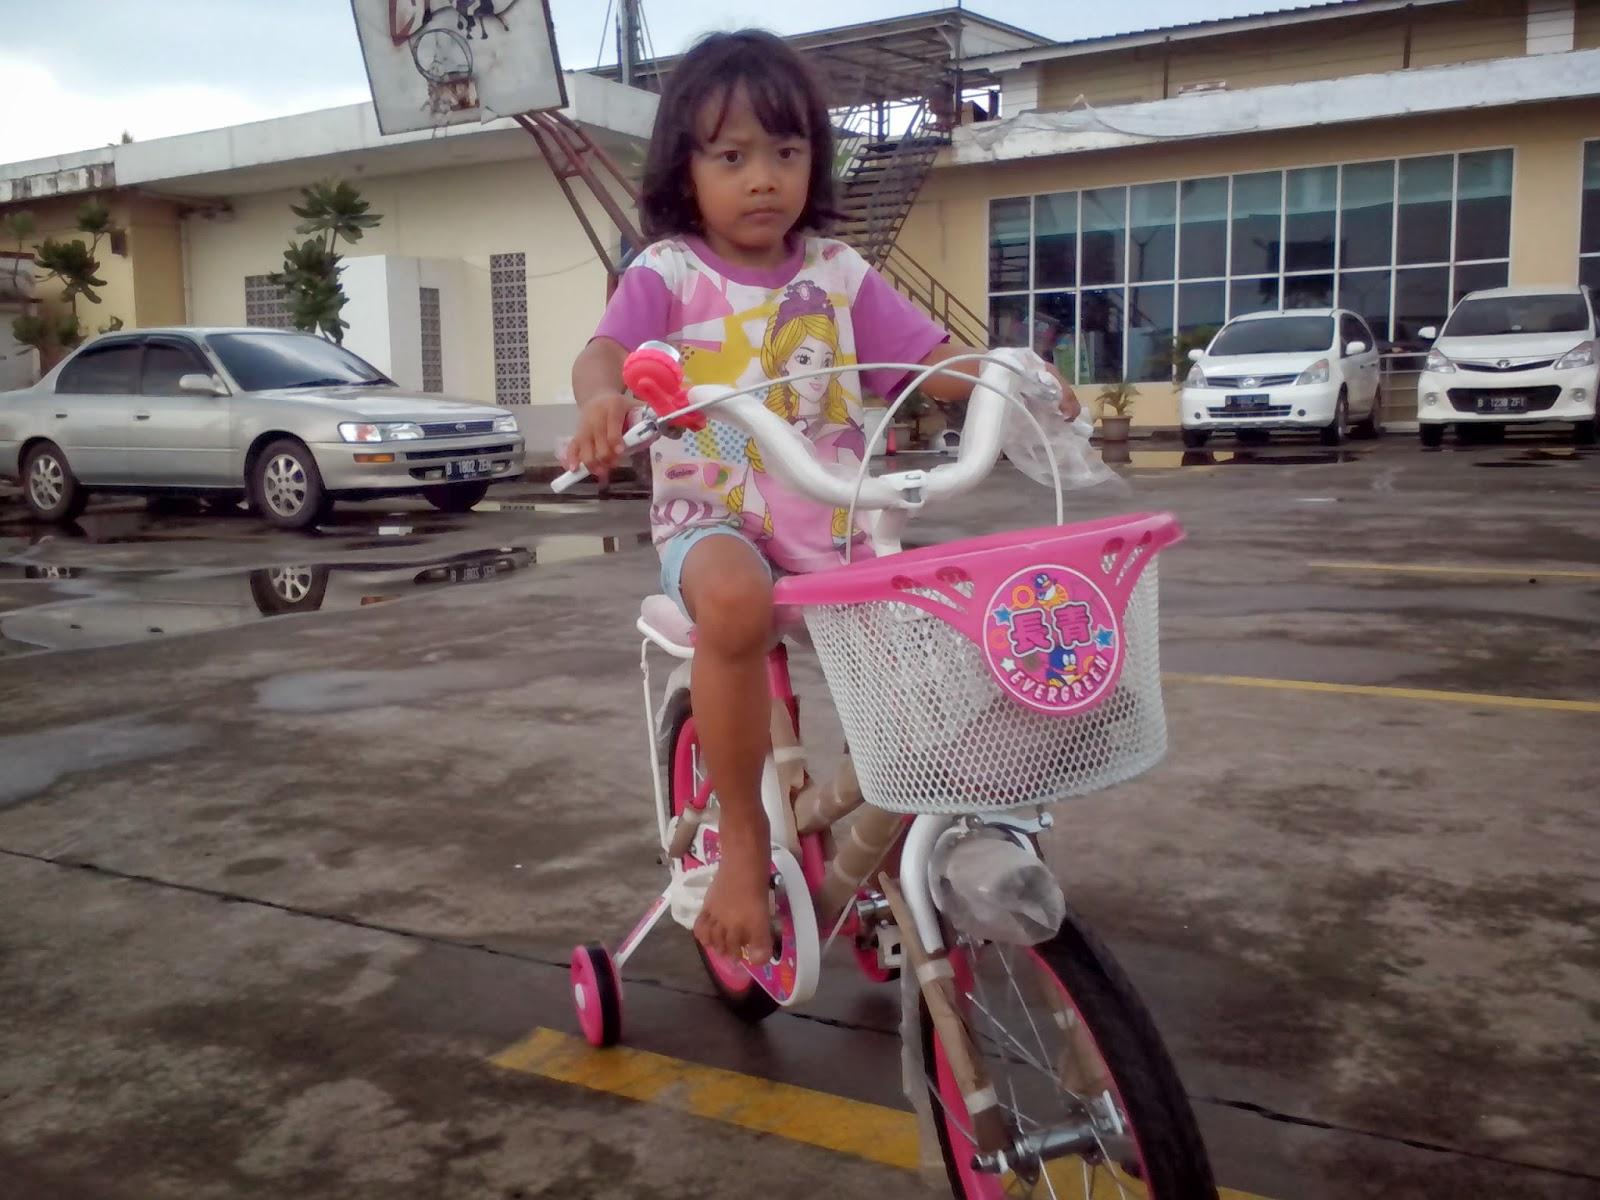 Keira Belajar Sepeda 4